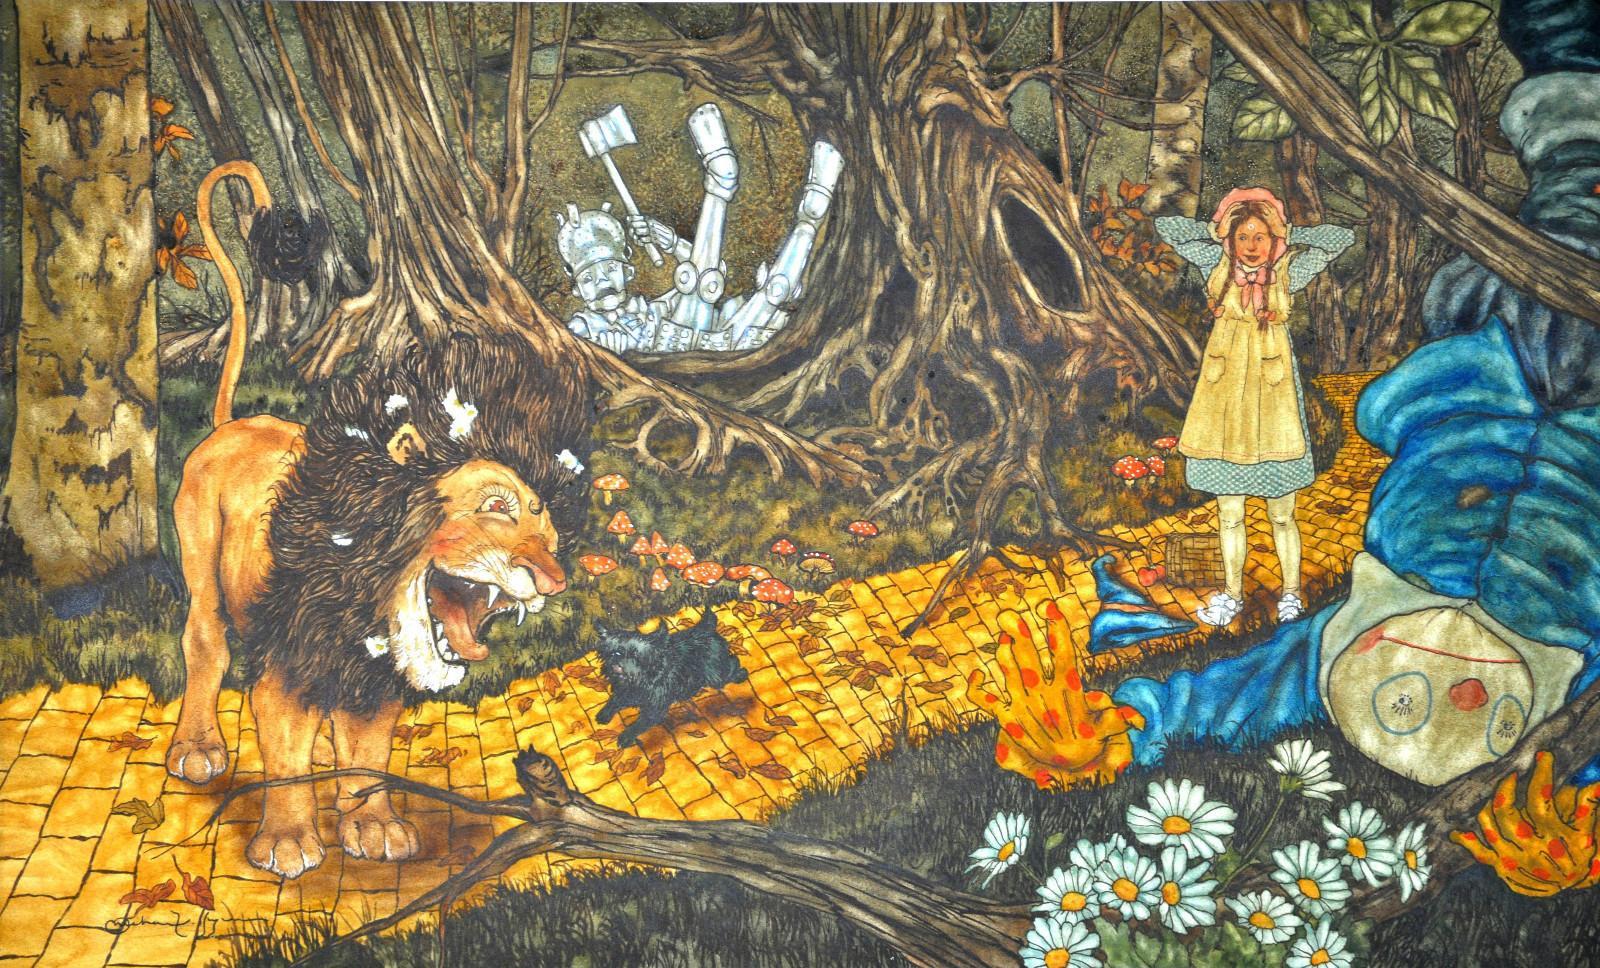 """Ilustração de Michael Hague para """"The Wizard of Oz""""."""